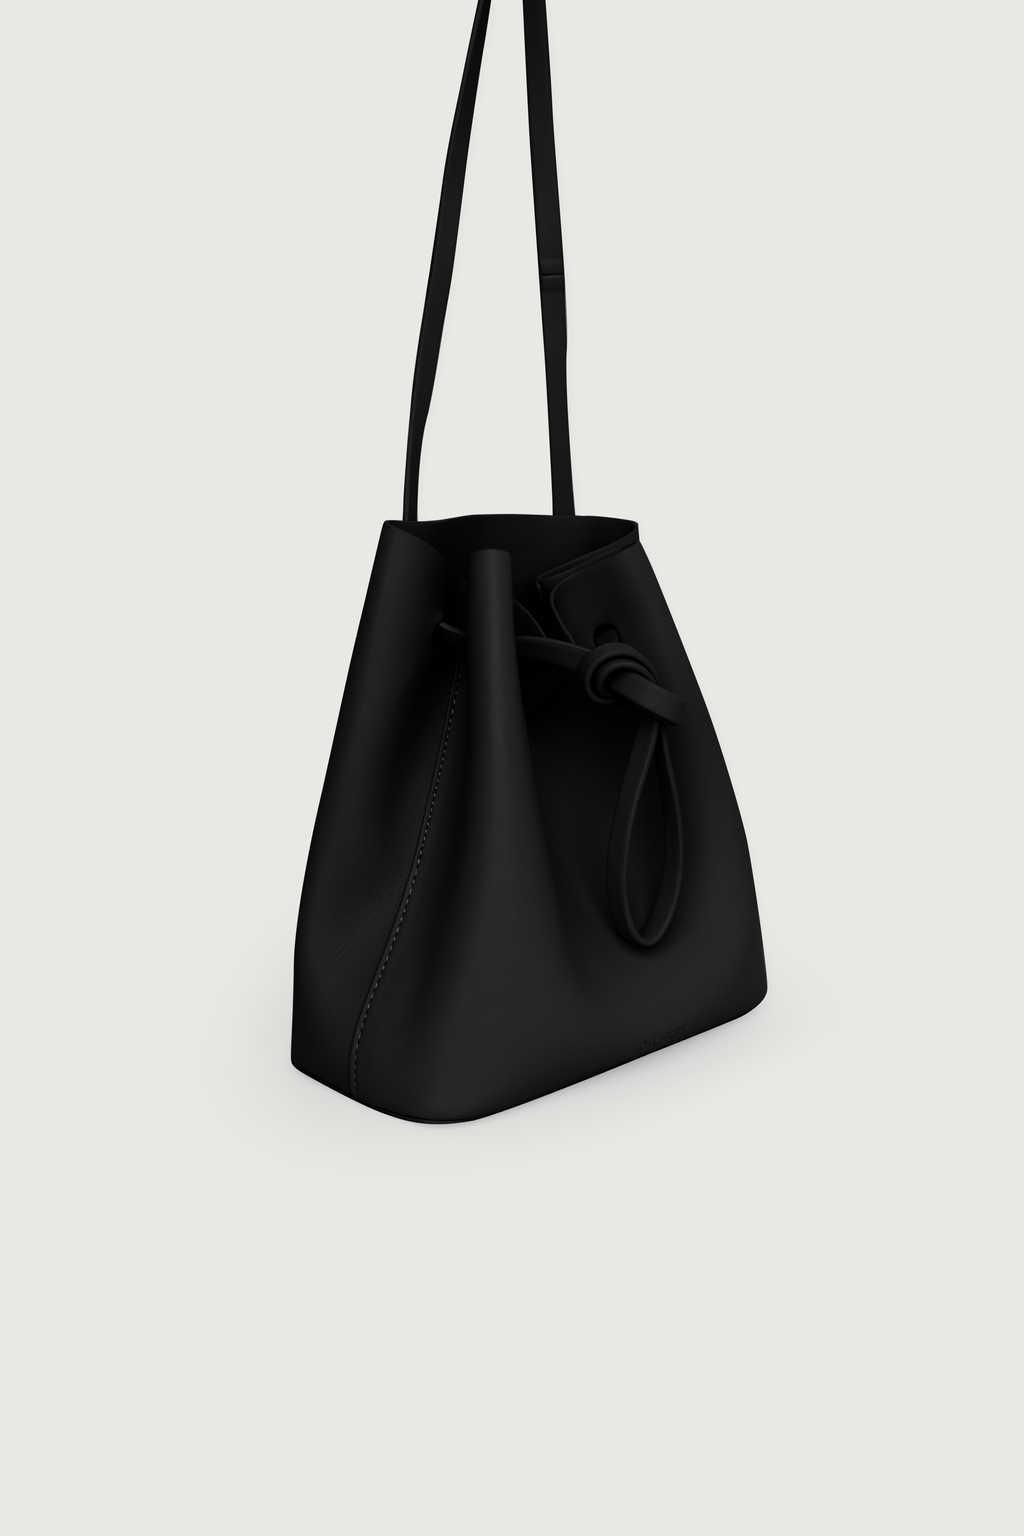 Bag 198320191 Black 12